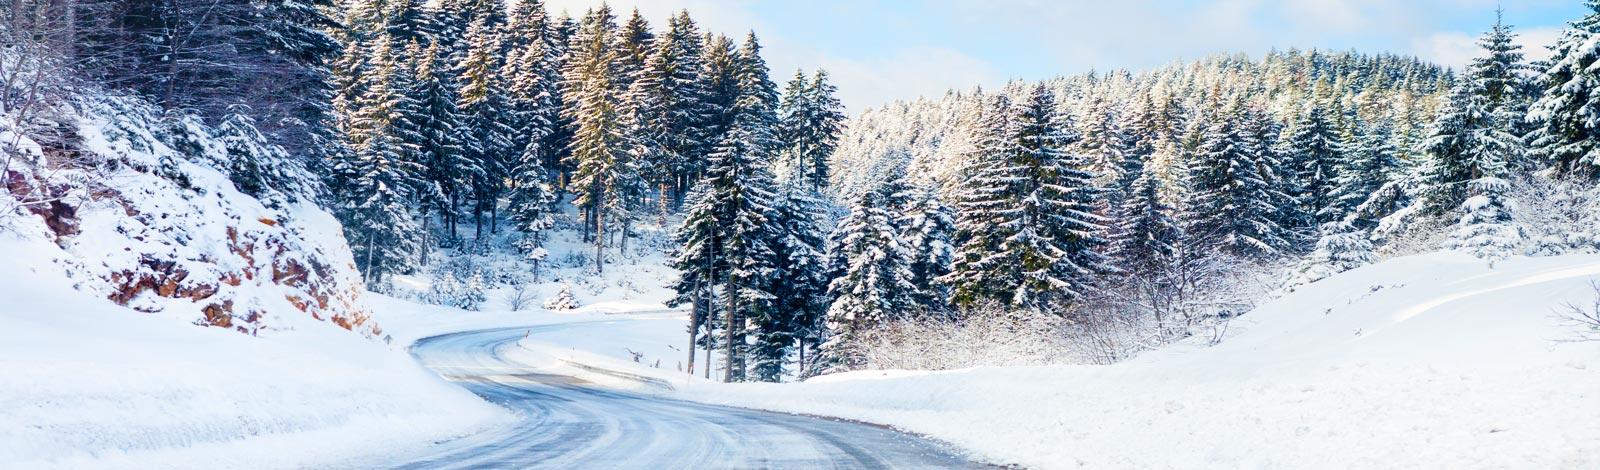 snowybackground